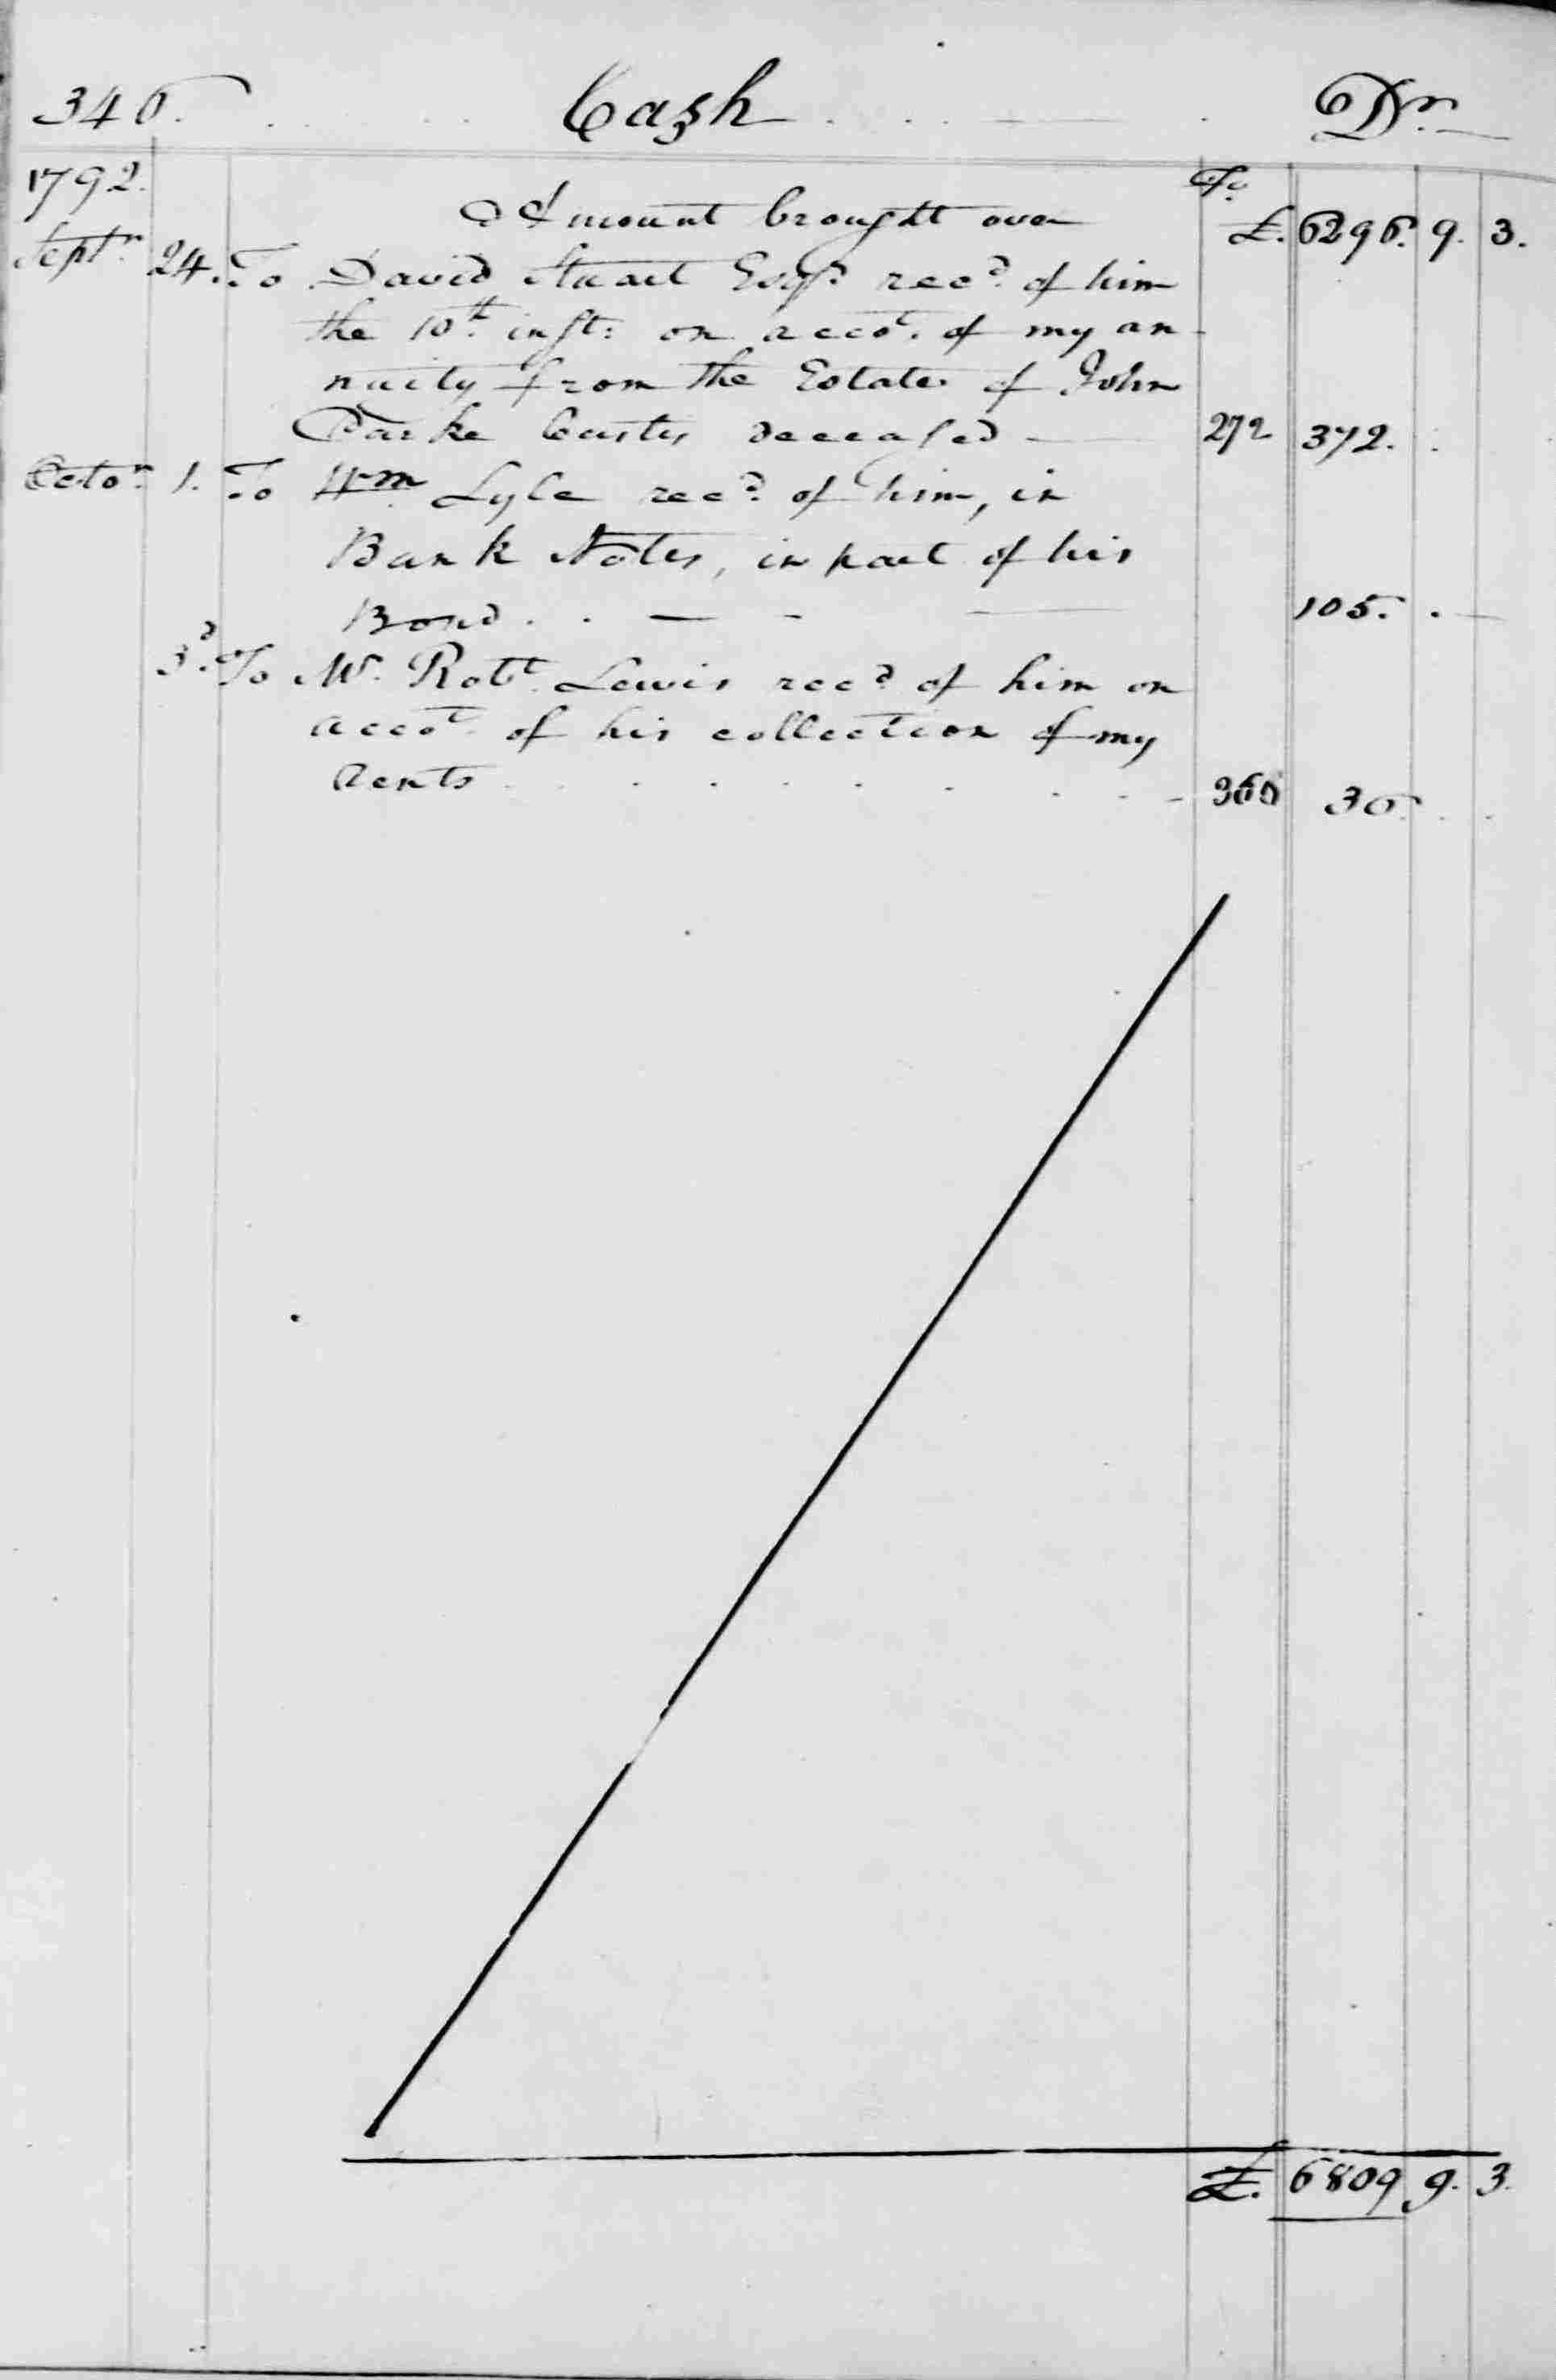 Ledger B, folio 346, left side